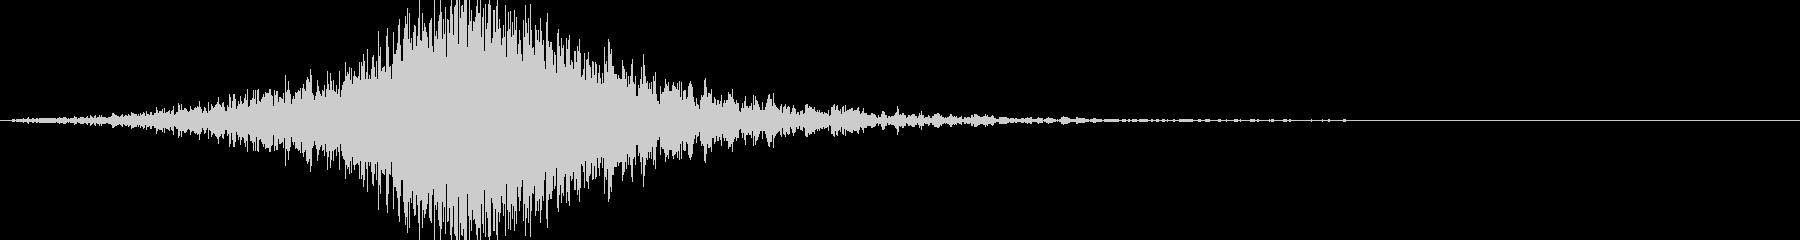 幽霊出現インパクトのある怖い音(ホラー7の未再生の波形